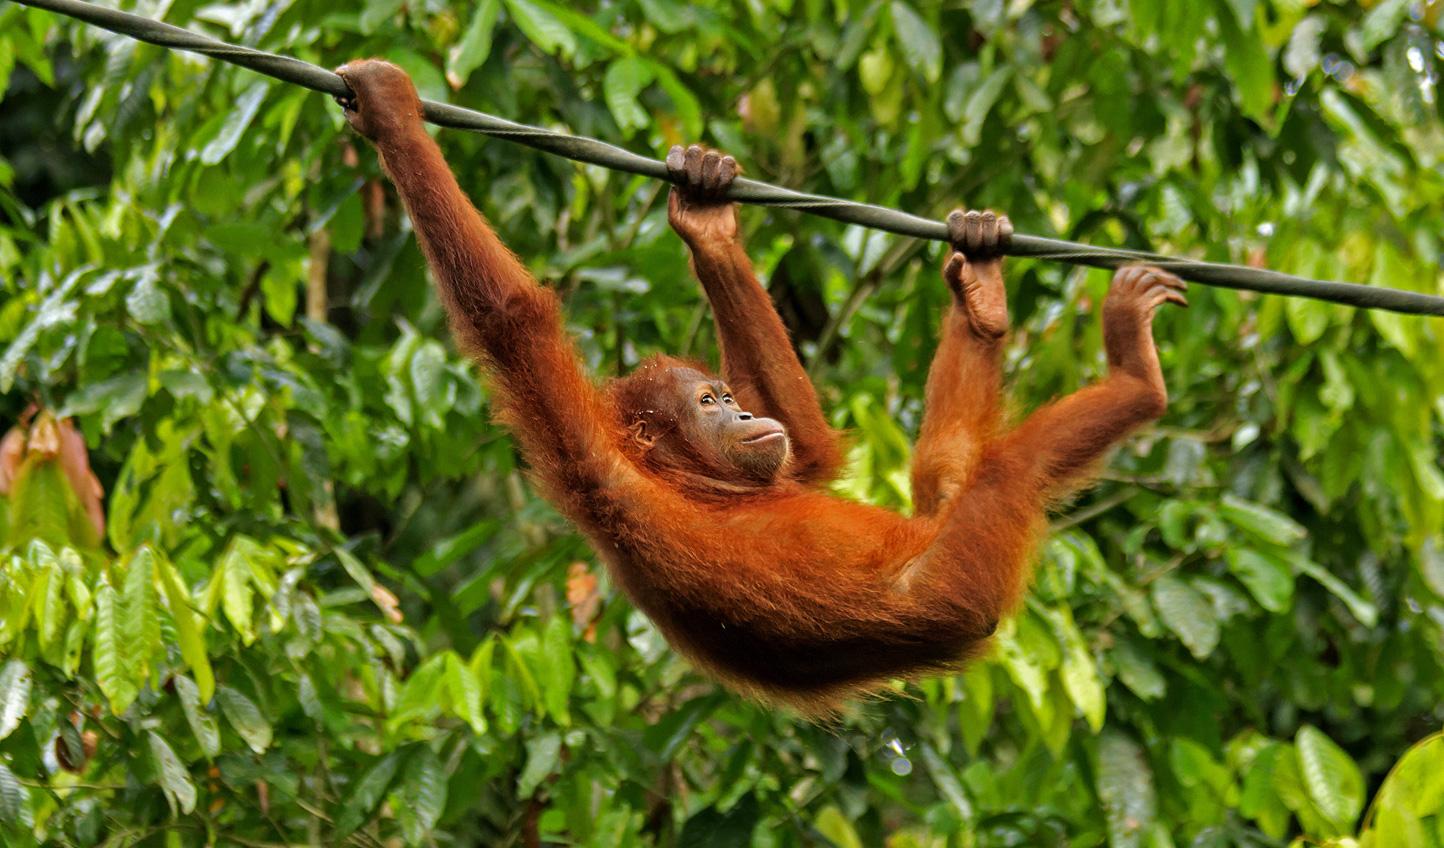 Spend a fun afternoon at Sepilok Orangutan Rehabilitation Center